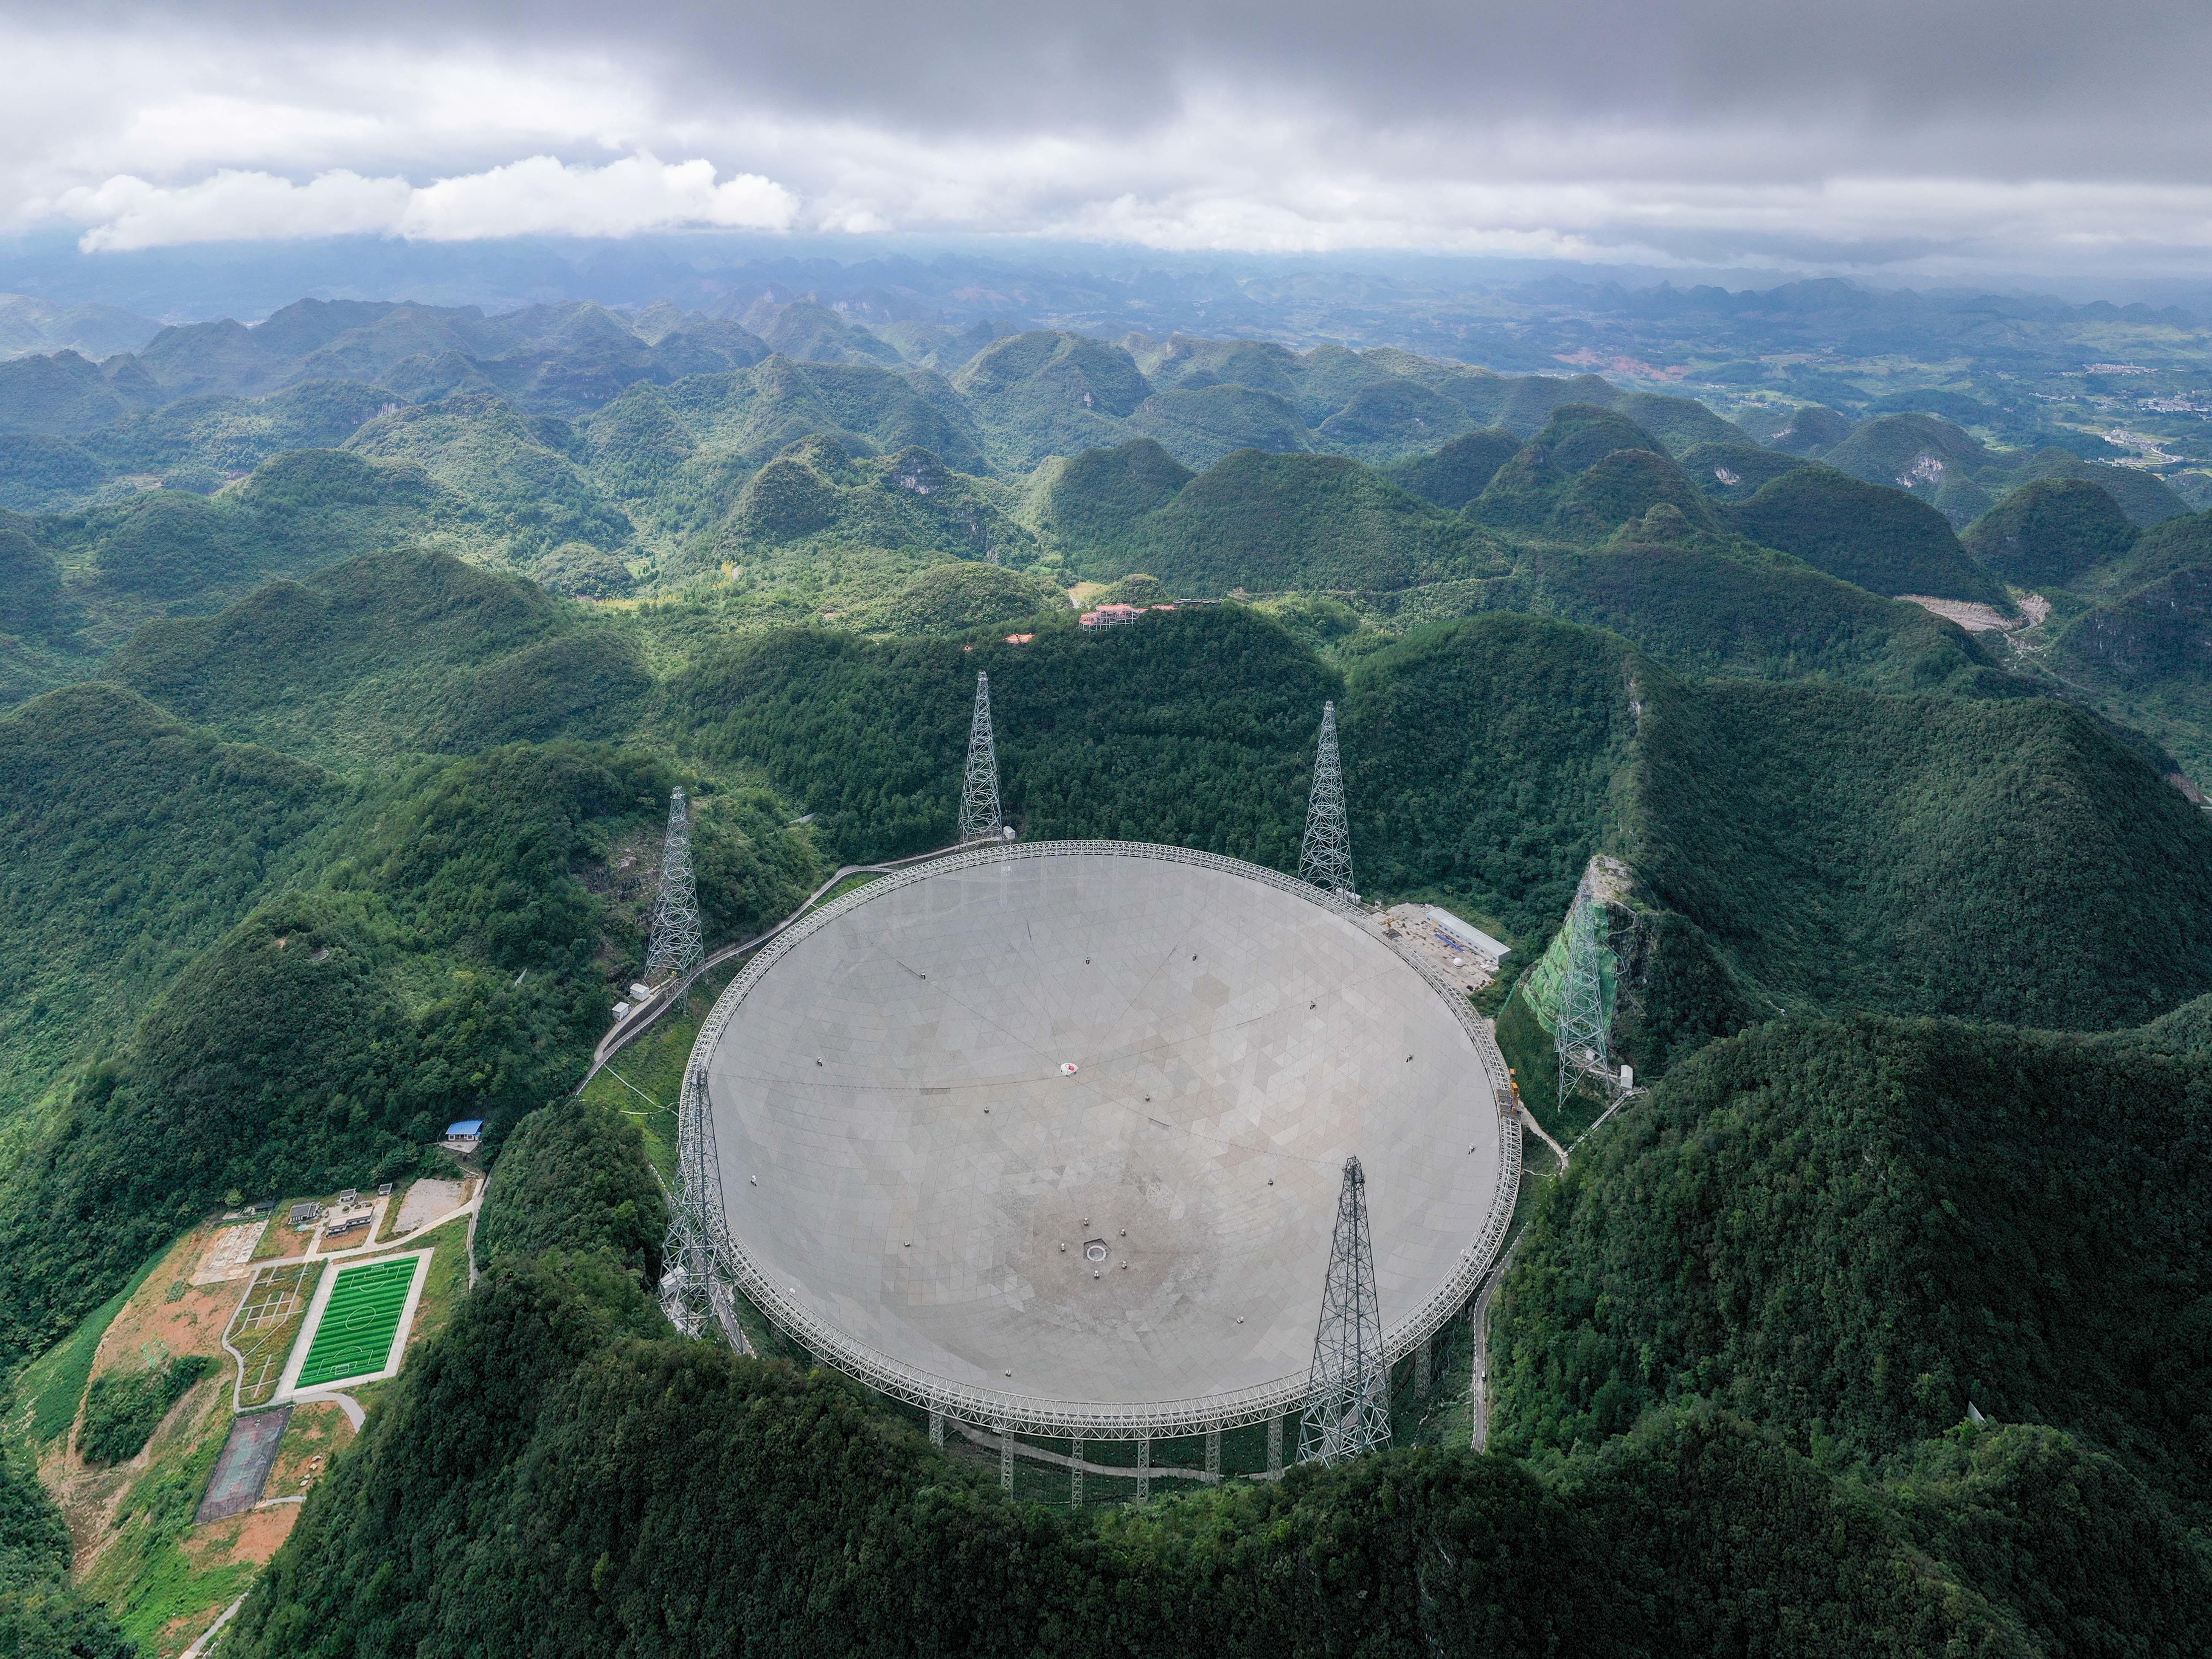 Unde radio misterioase din spațiu, captate cu cel mai puternic telescop din lume. De unde provin